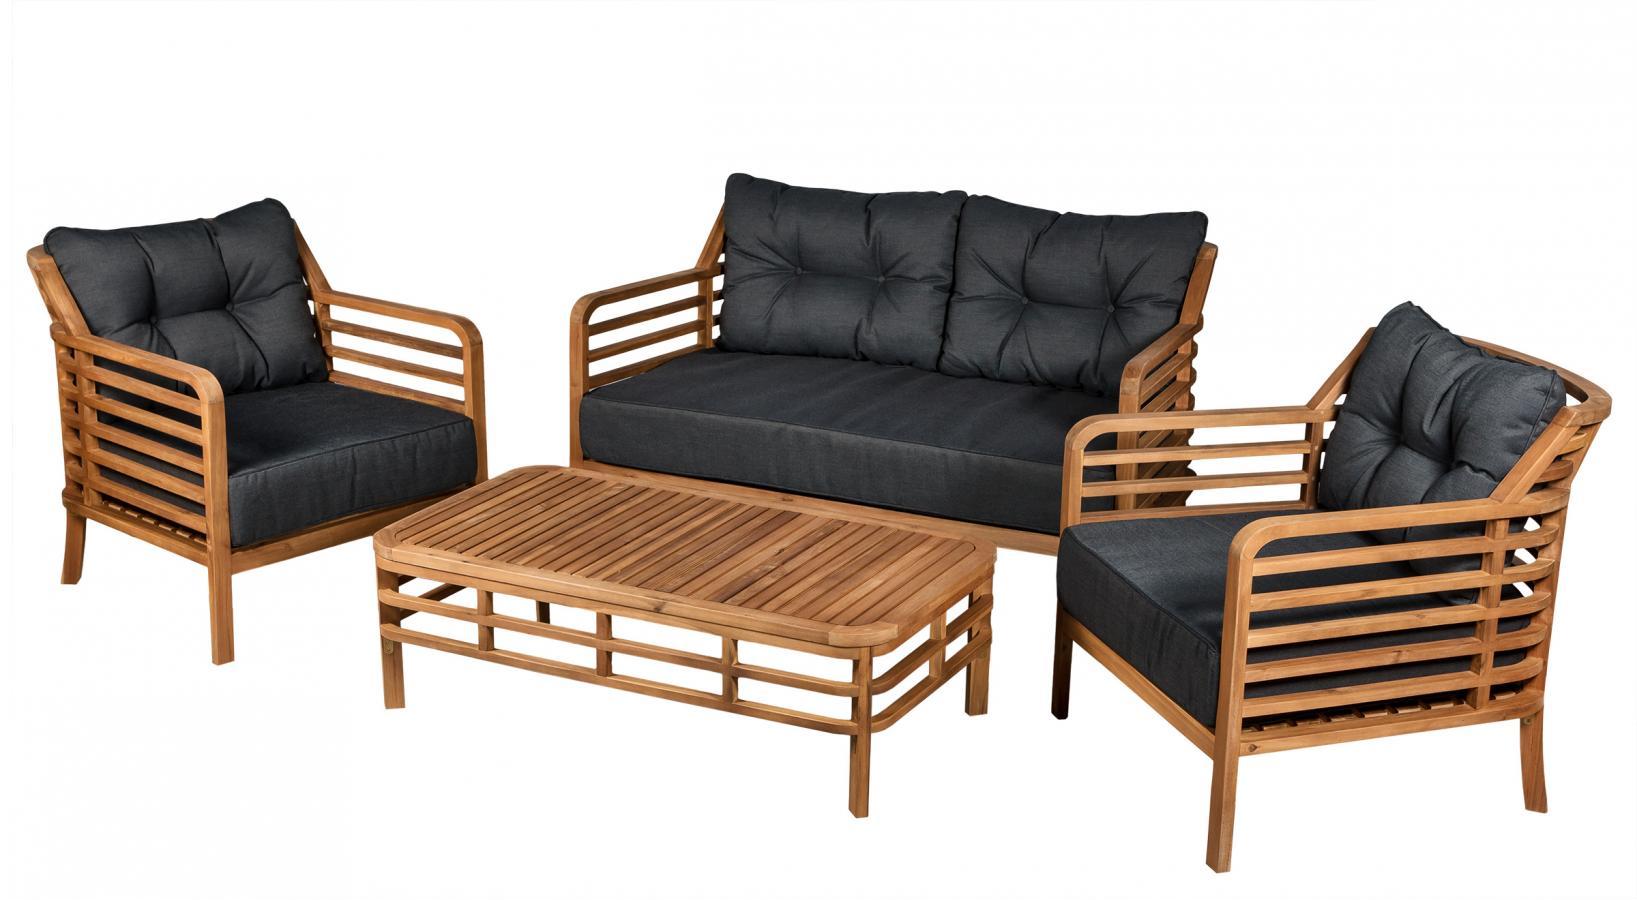 комплект мебели из акации Colorado купить в магазине садовой мебели Azzura